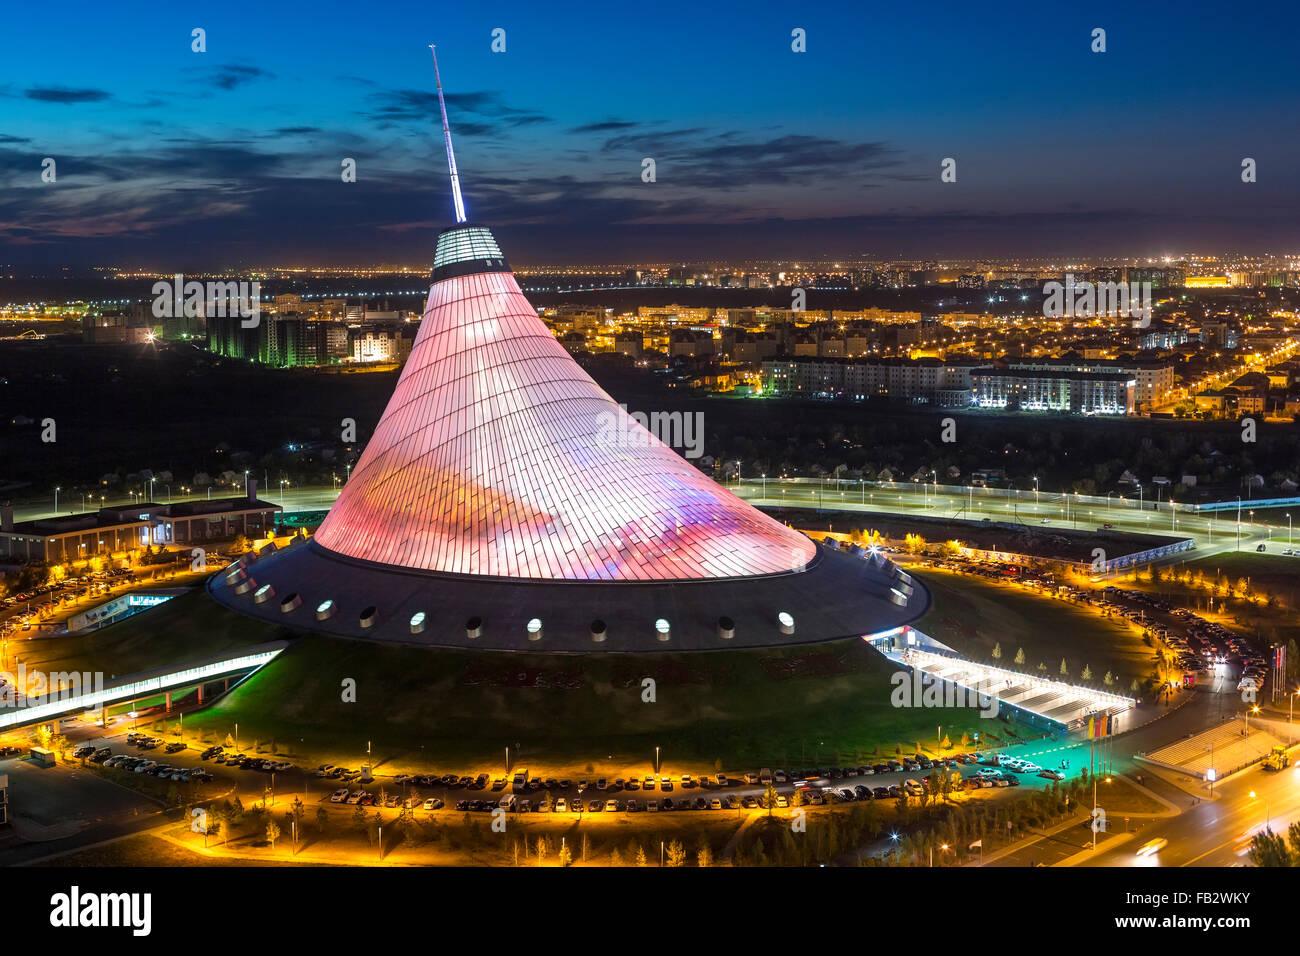 L'Asie centrale, le Kazakhstan, Astana, nuit vue sur Khan Shatyr Entertainment Centre Photo Stock